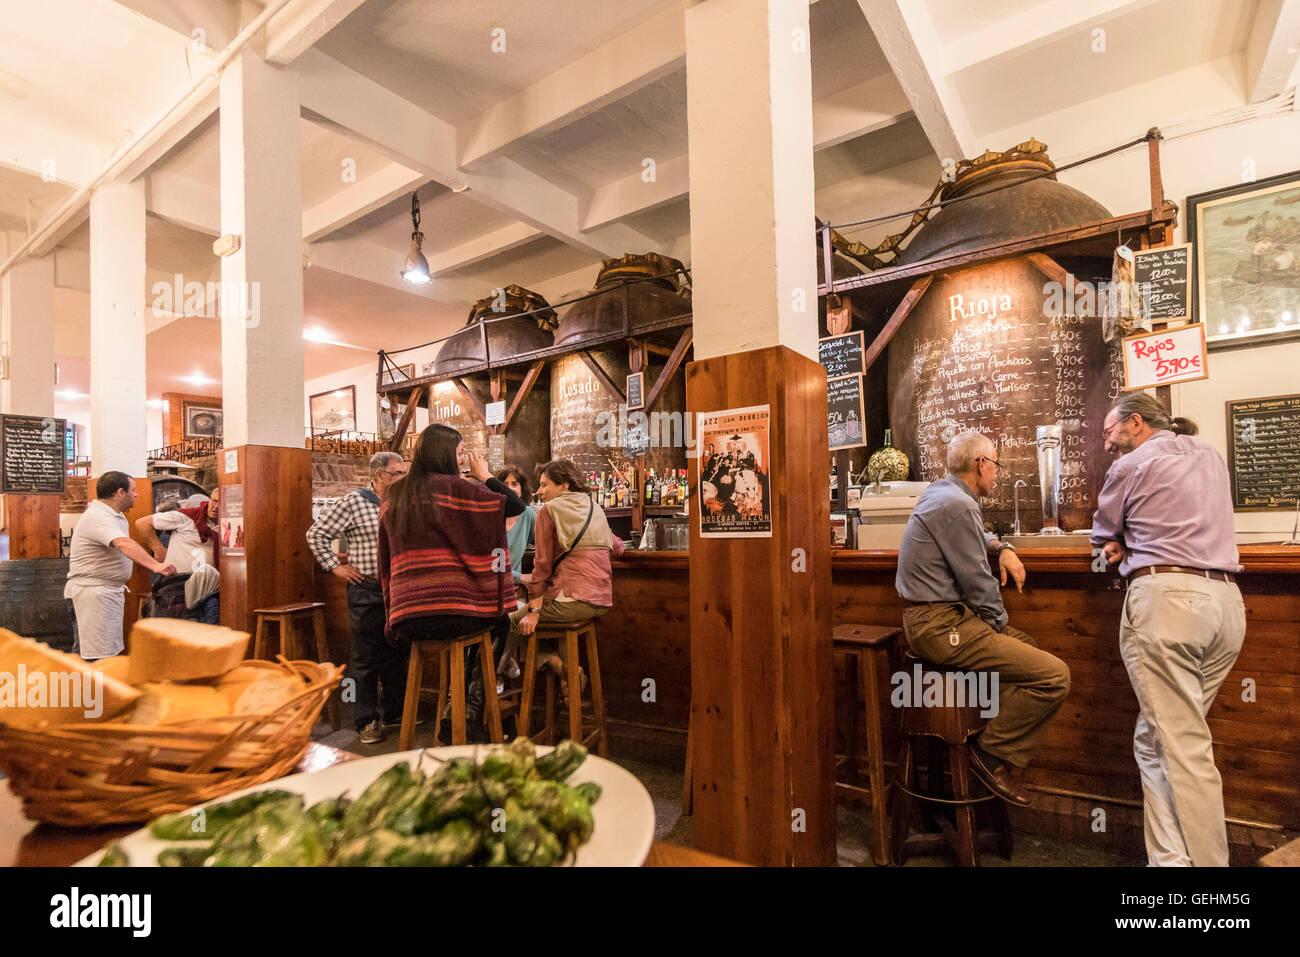 Bodegas Mazon tapas bar Santander Cantabria Spain Stock Photo